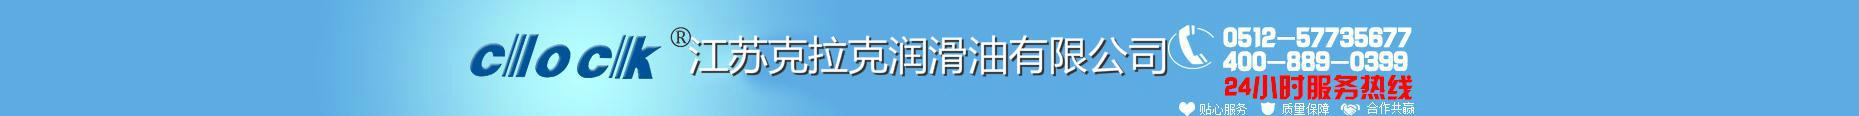 江苏克拉克润滑油有限公司